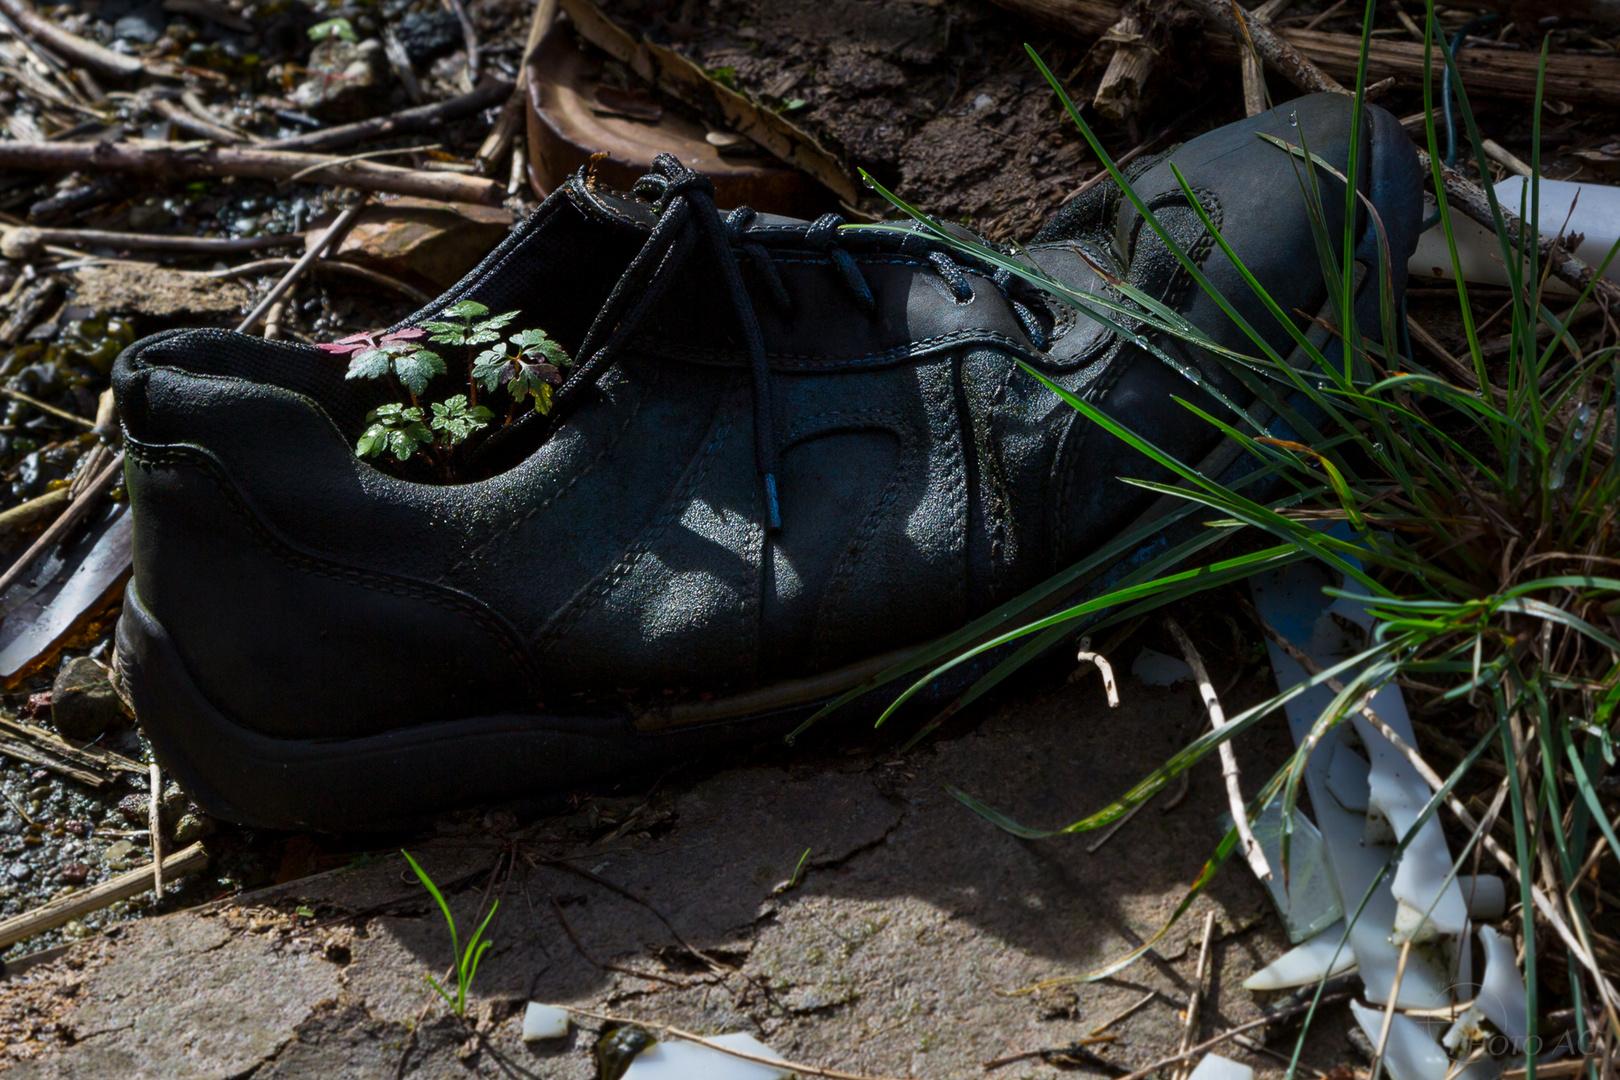 Lost Schuh